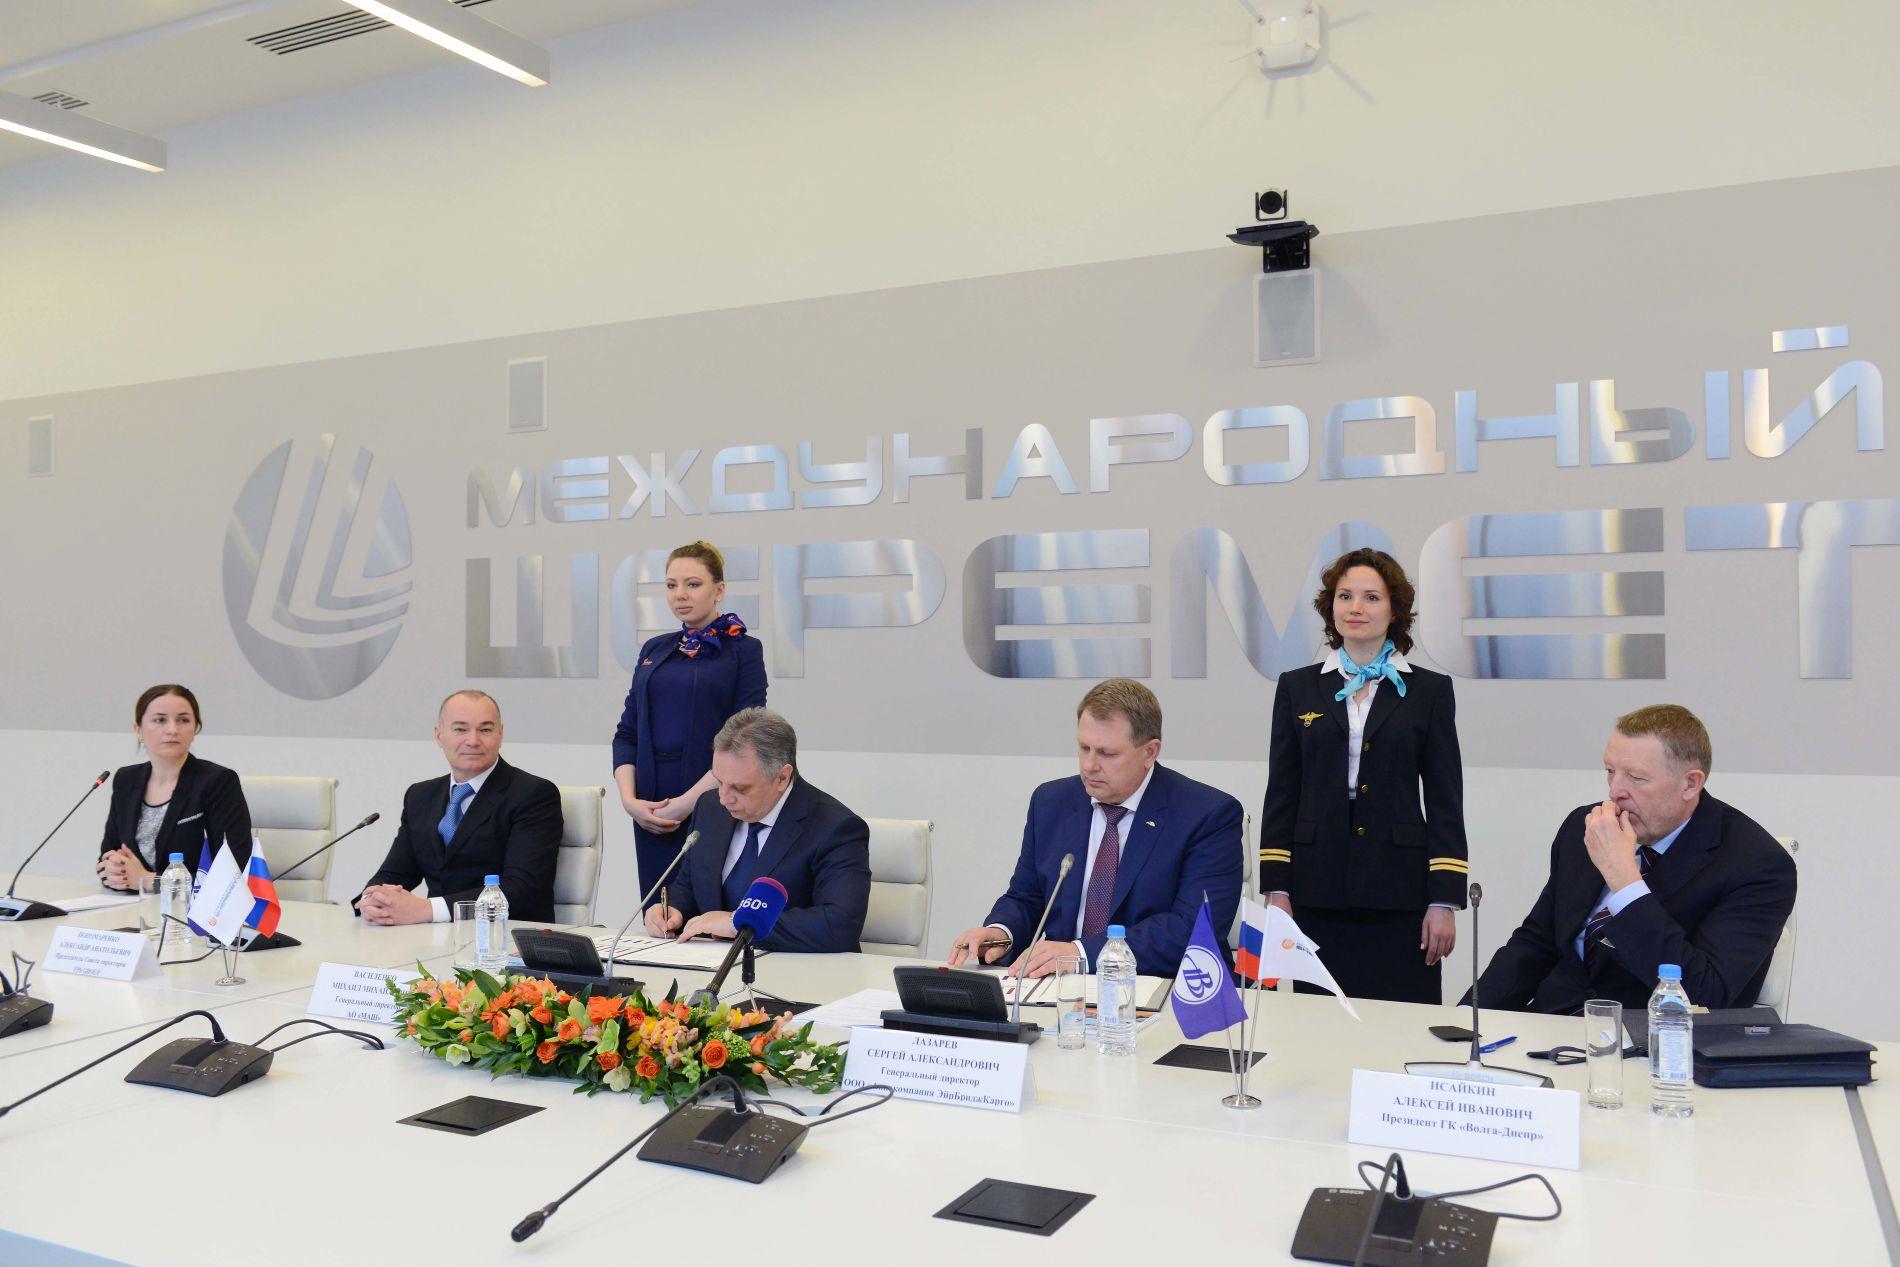 Александр Пономаренко (второй слева) на подписании соглашения о долгосрочном сотрудничестве между АО «Международный аэропорт Шереметьево» и ГК «Волга-Днепр» 16 апреля 2016 года ©Изображение предоставлено пресс-службой АО «Международный аэропорт Шереметьево»